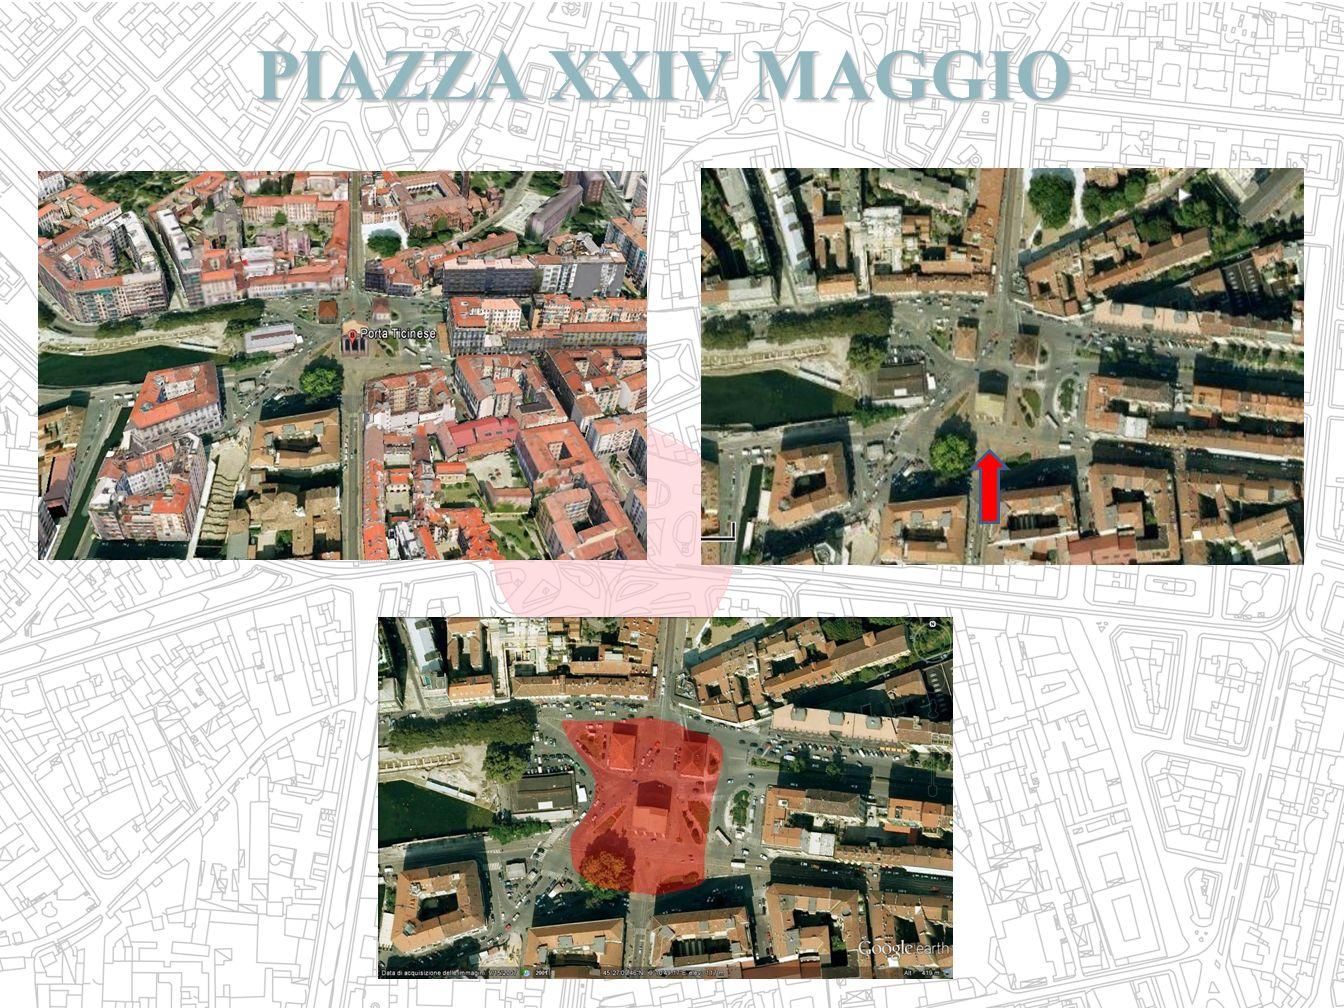 PIAZZA XXIV MAGGIO PIAZZA XXIV MAGGIO